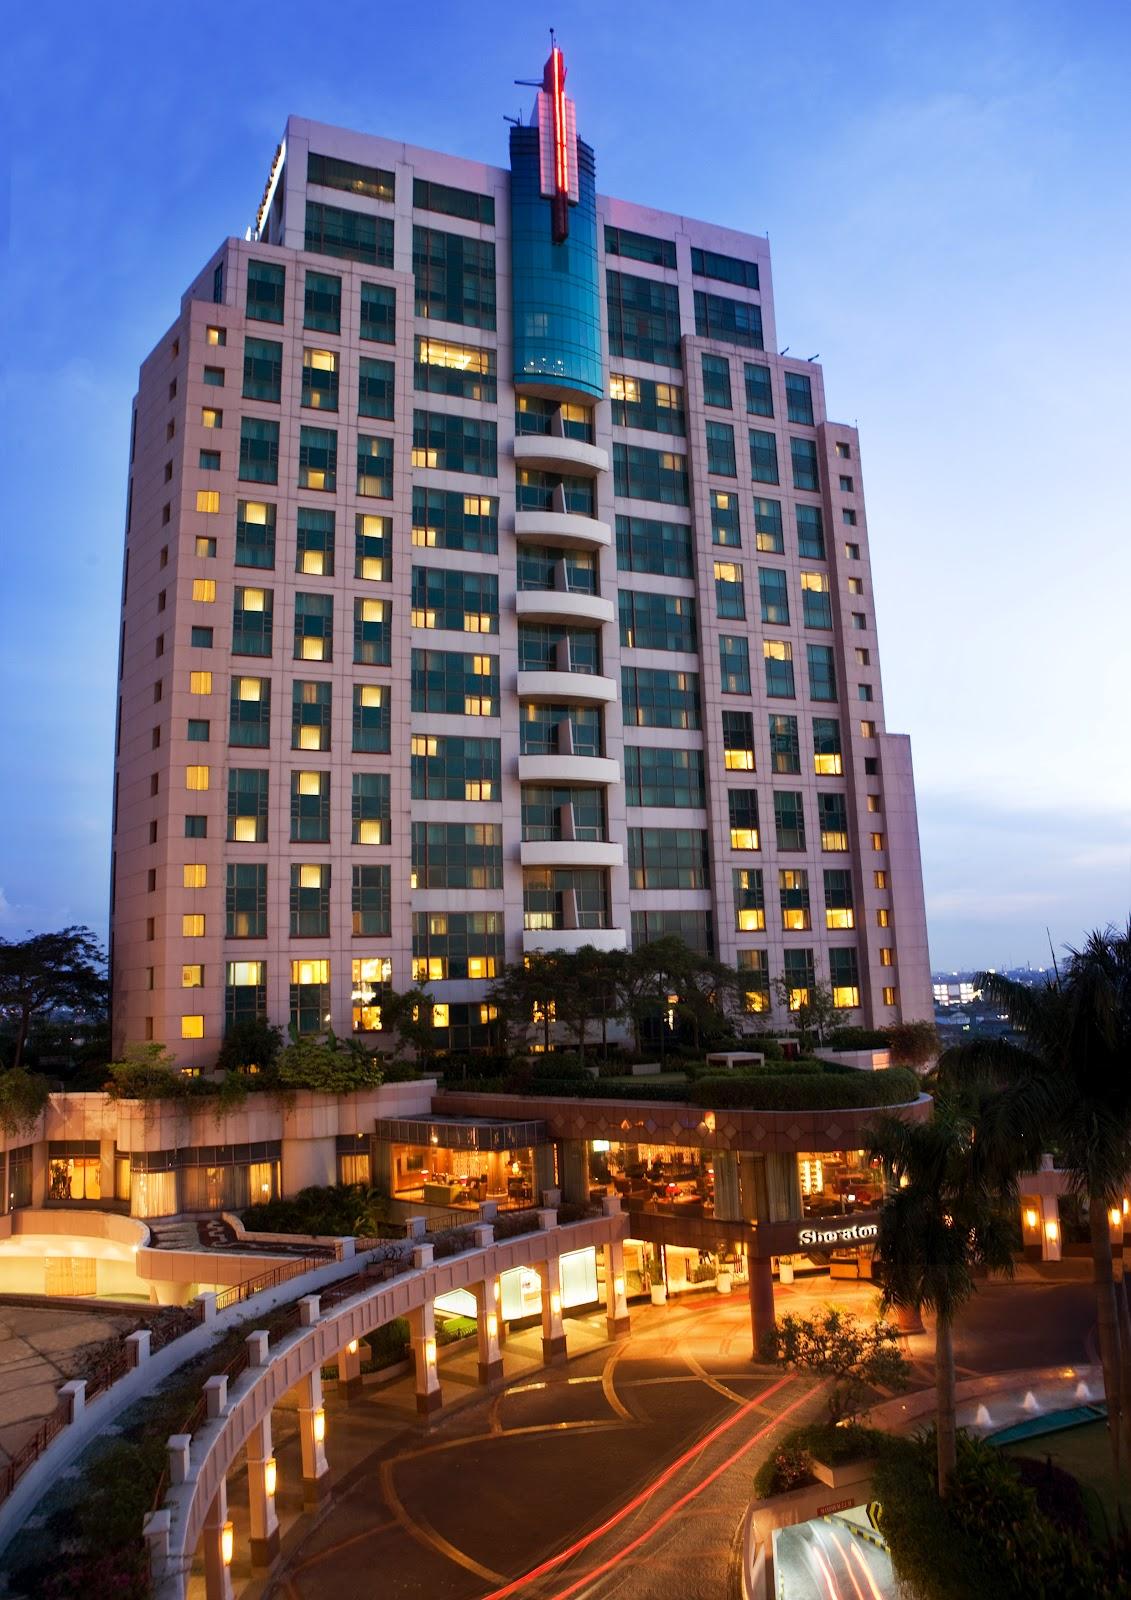 Sheraton Surabaya Hotel and Towers Room Type at Sheraton Surabaya Hotel  Towers